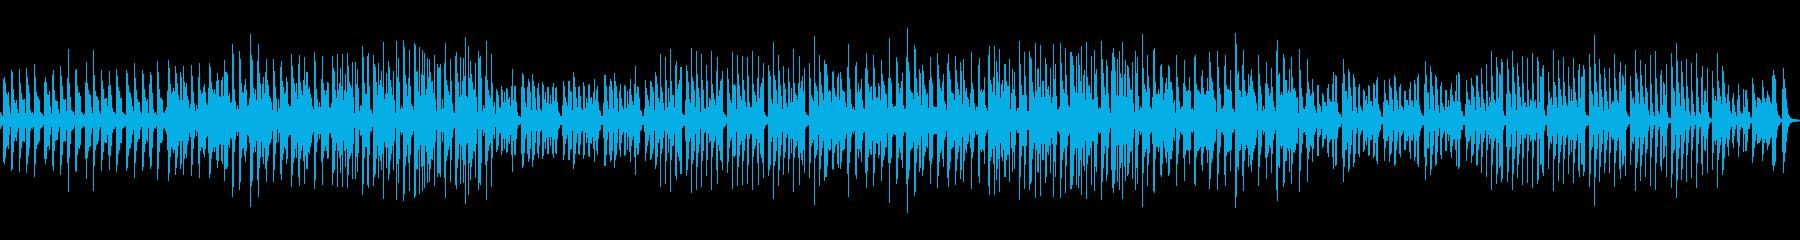 シンセサイザーを使い、やや演歌調の曲の再生済みの波形